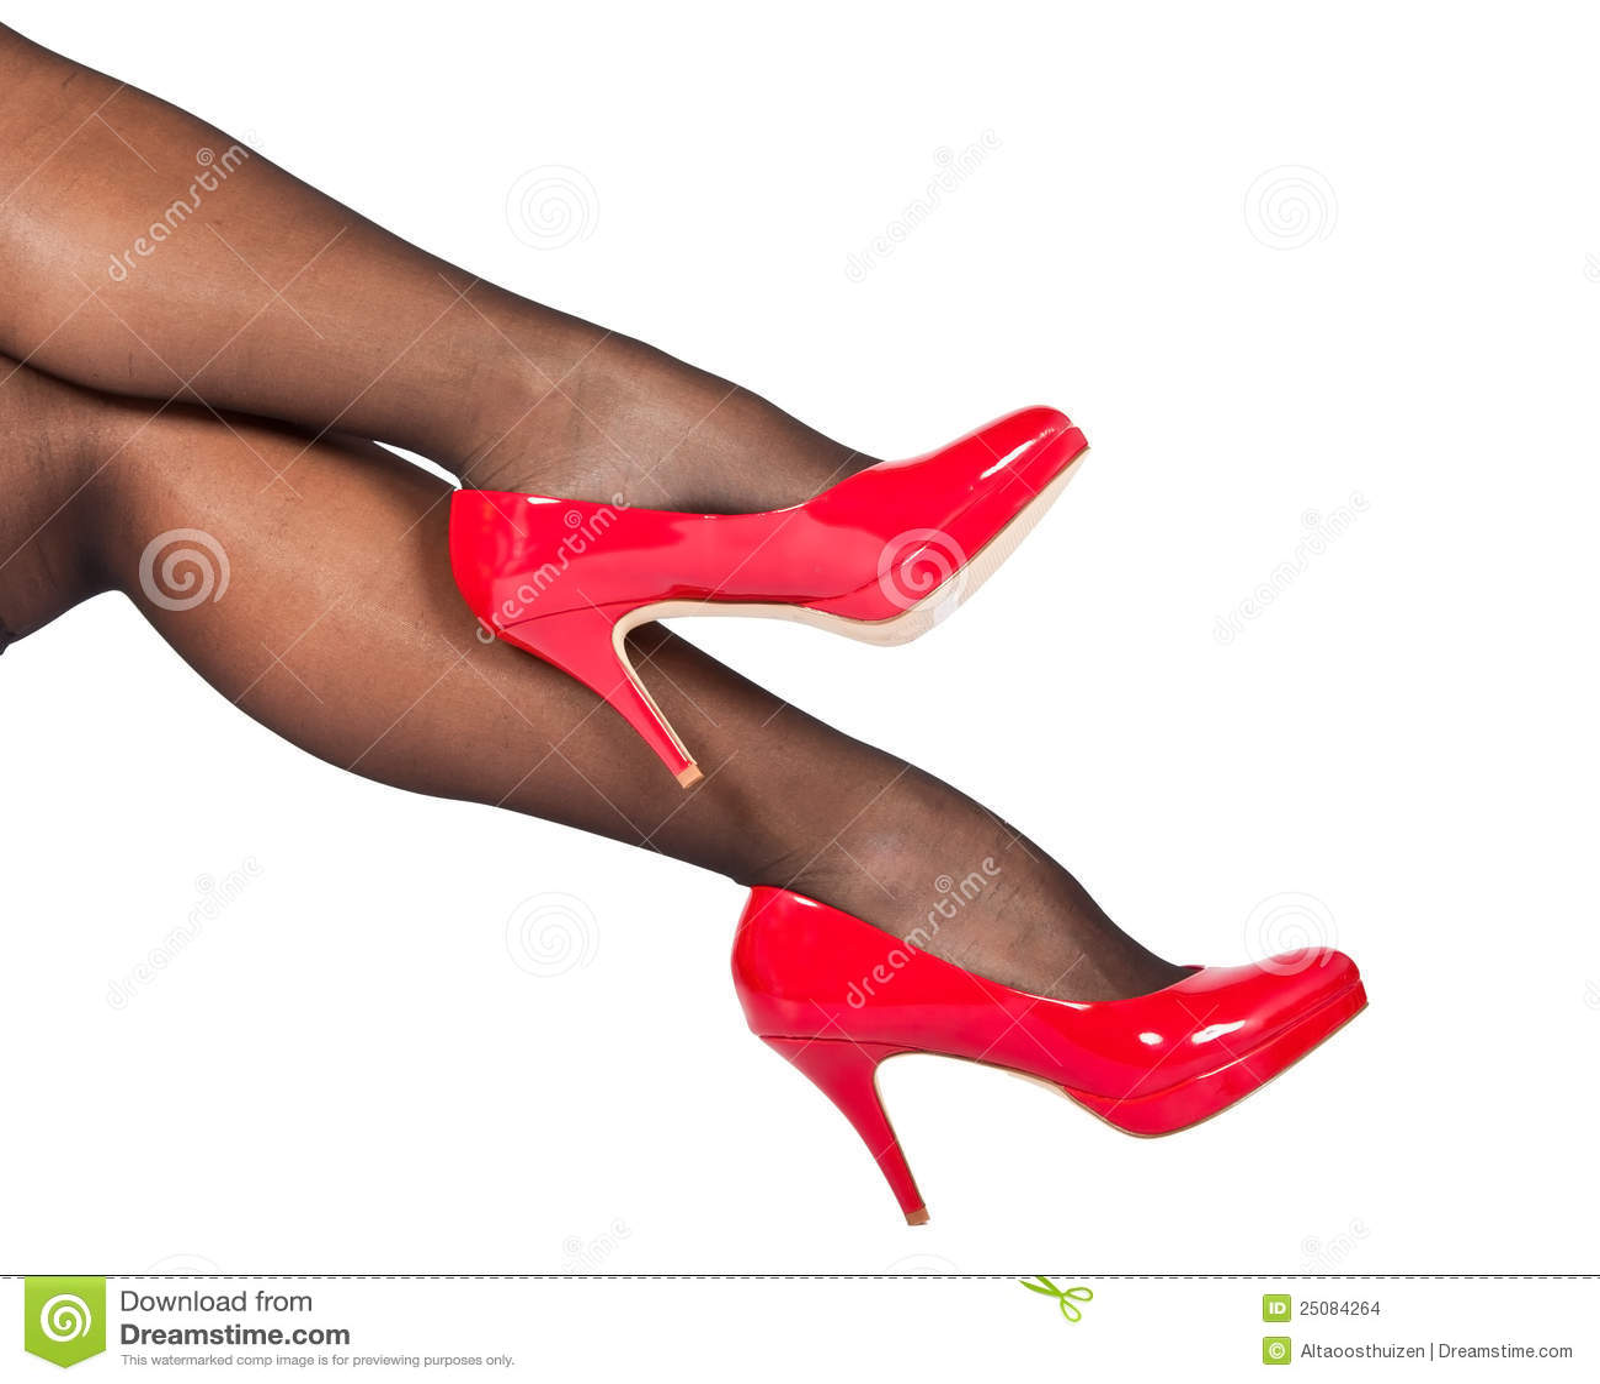 piernas expuesto